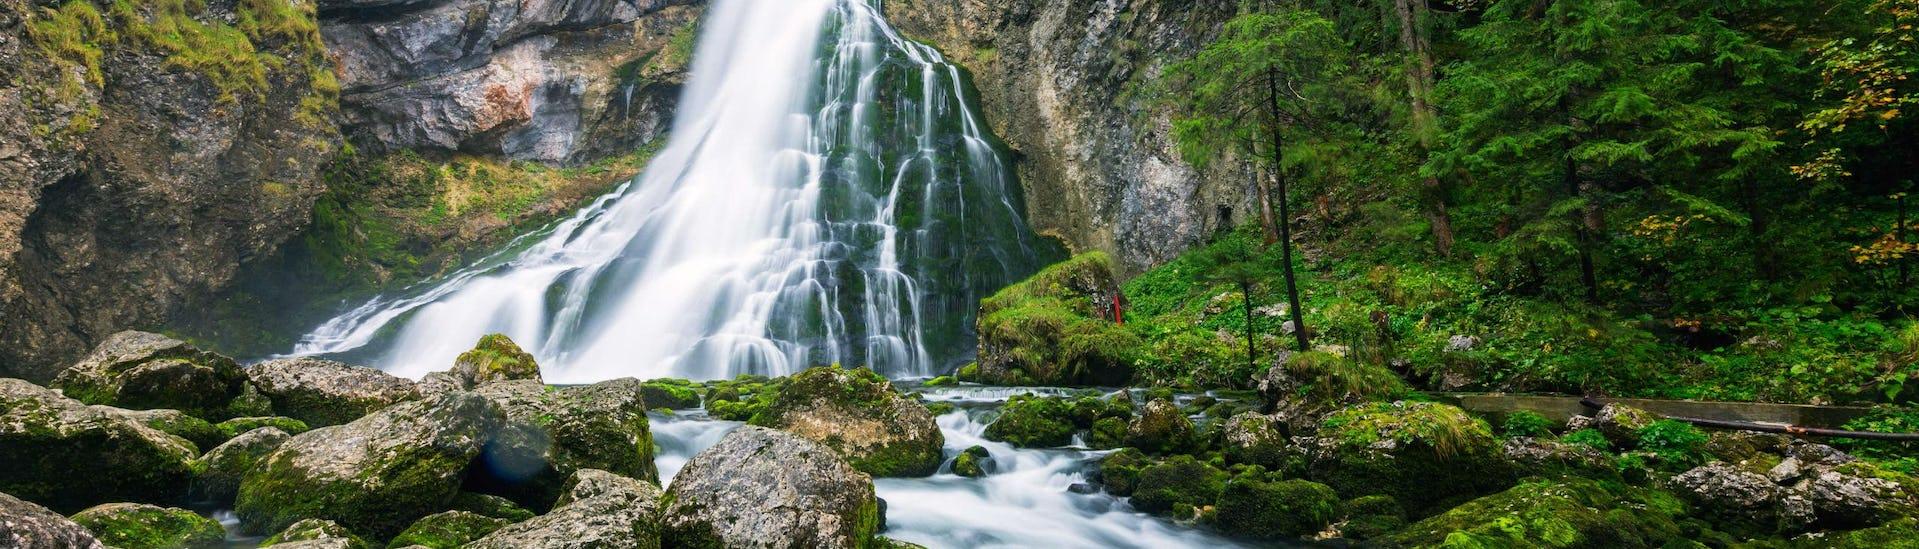 Ein Bild des Gollinger Wasserfalls nahe der Salzach, auf der beim Rafting in Golling gepaddelt wird.